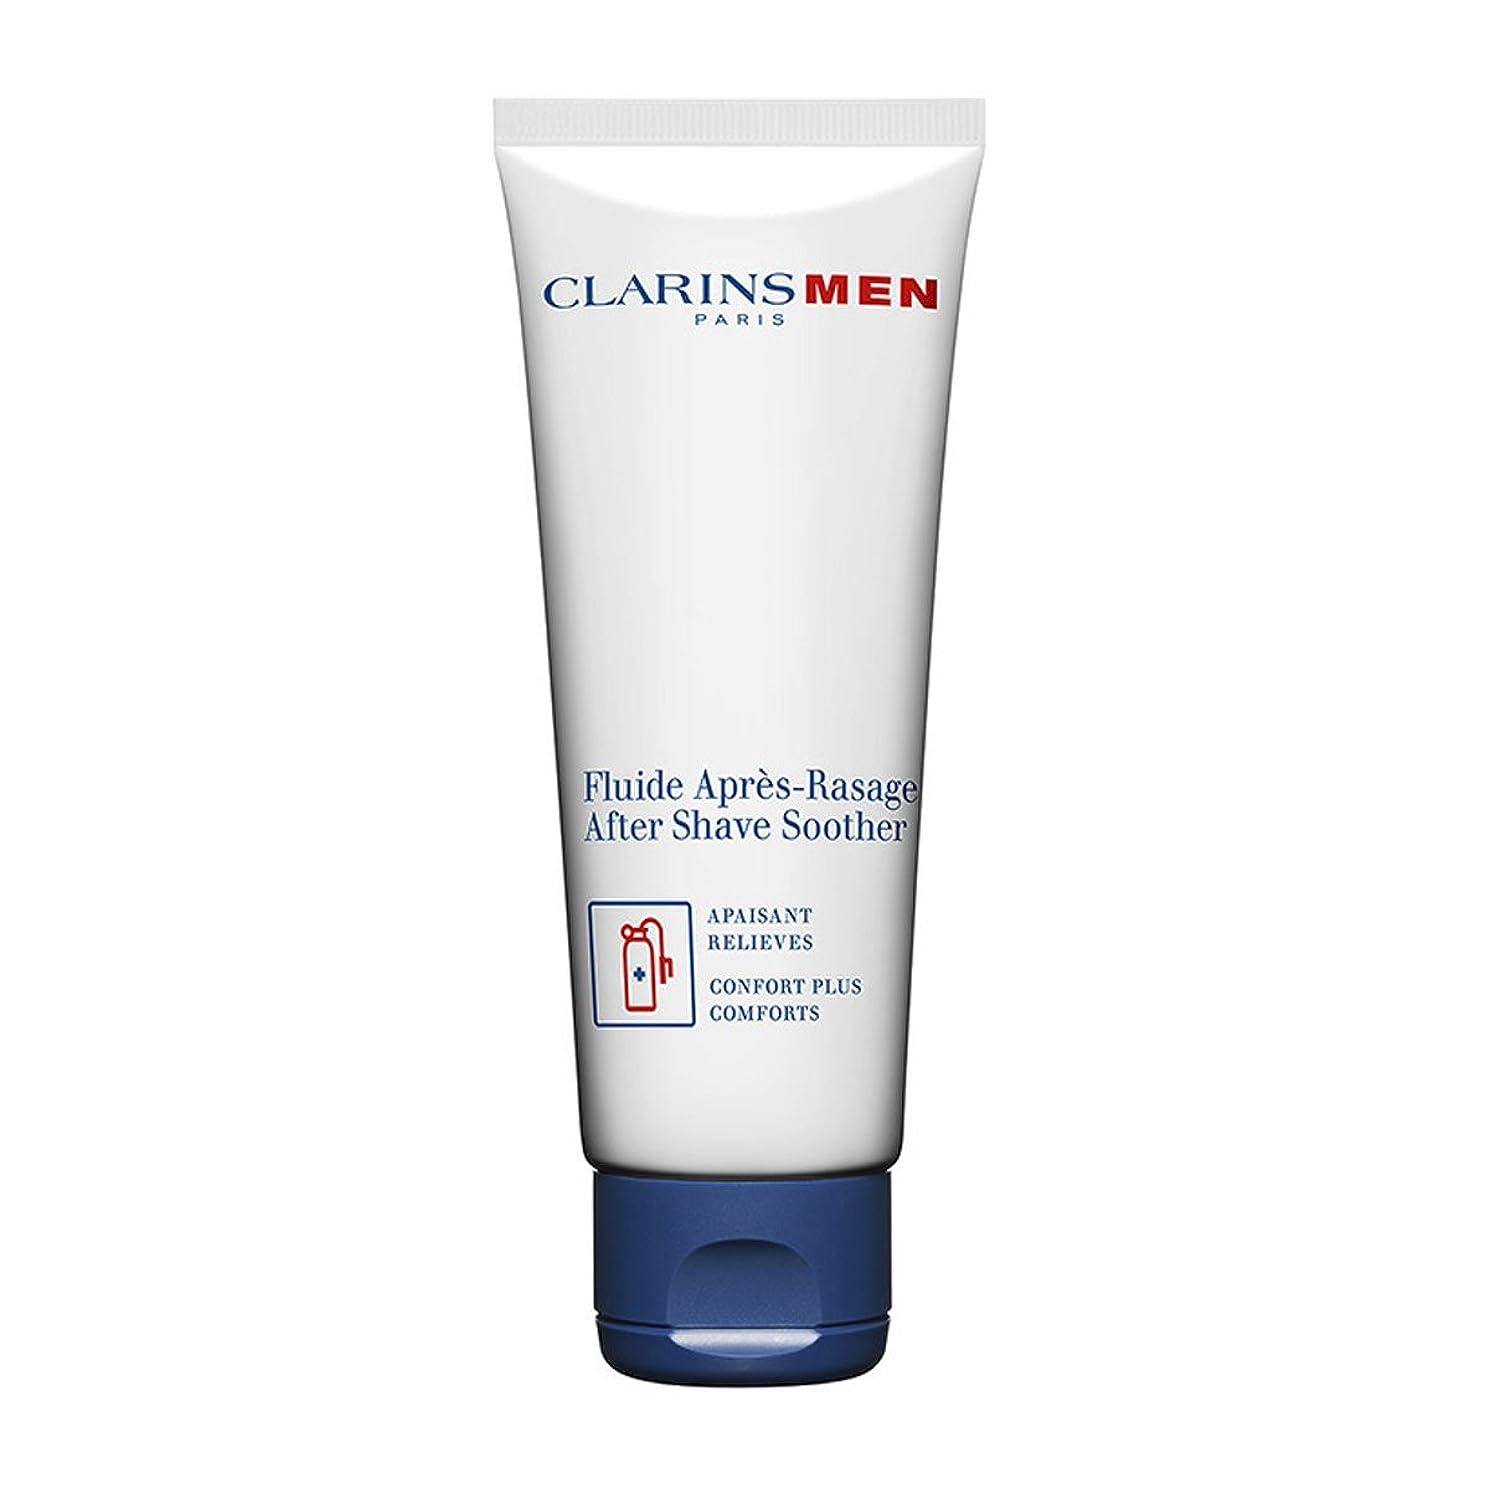 取り扱い通行料金鉄道Clarins Men After Shave Soother 75ml [並行輸入品]